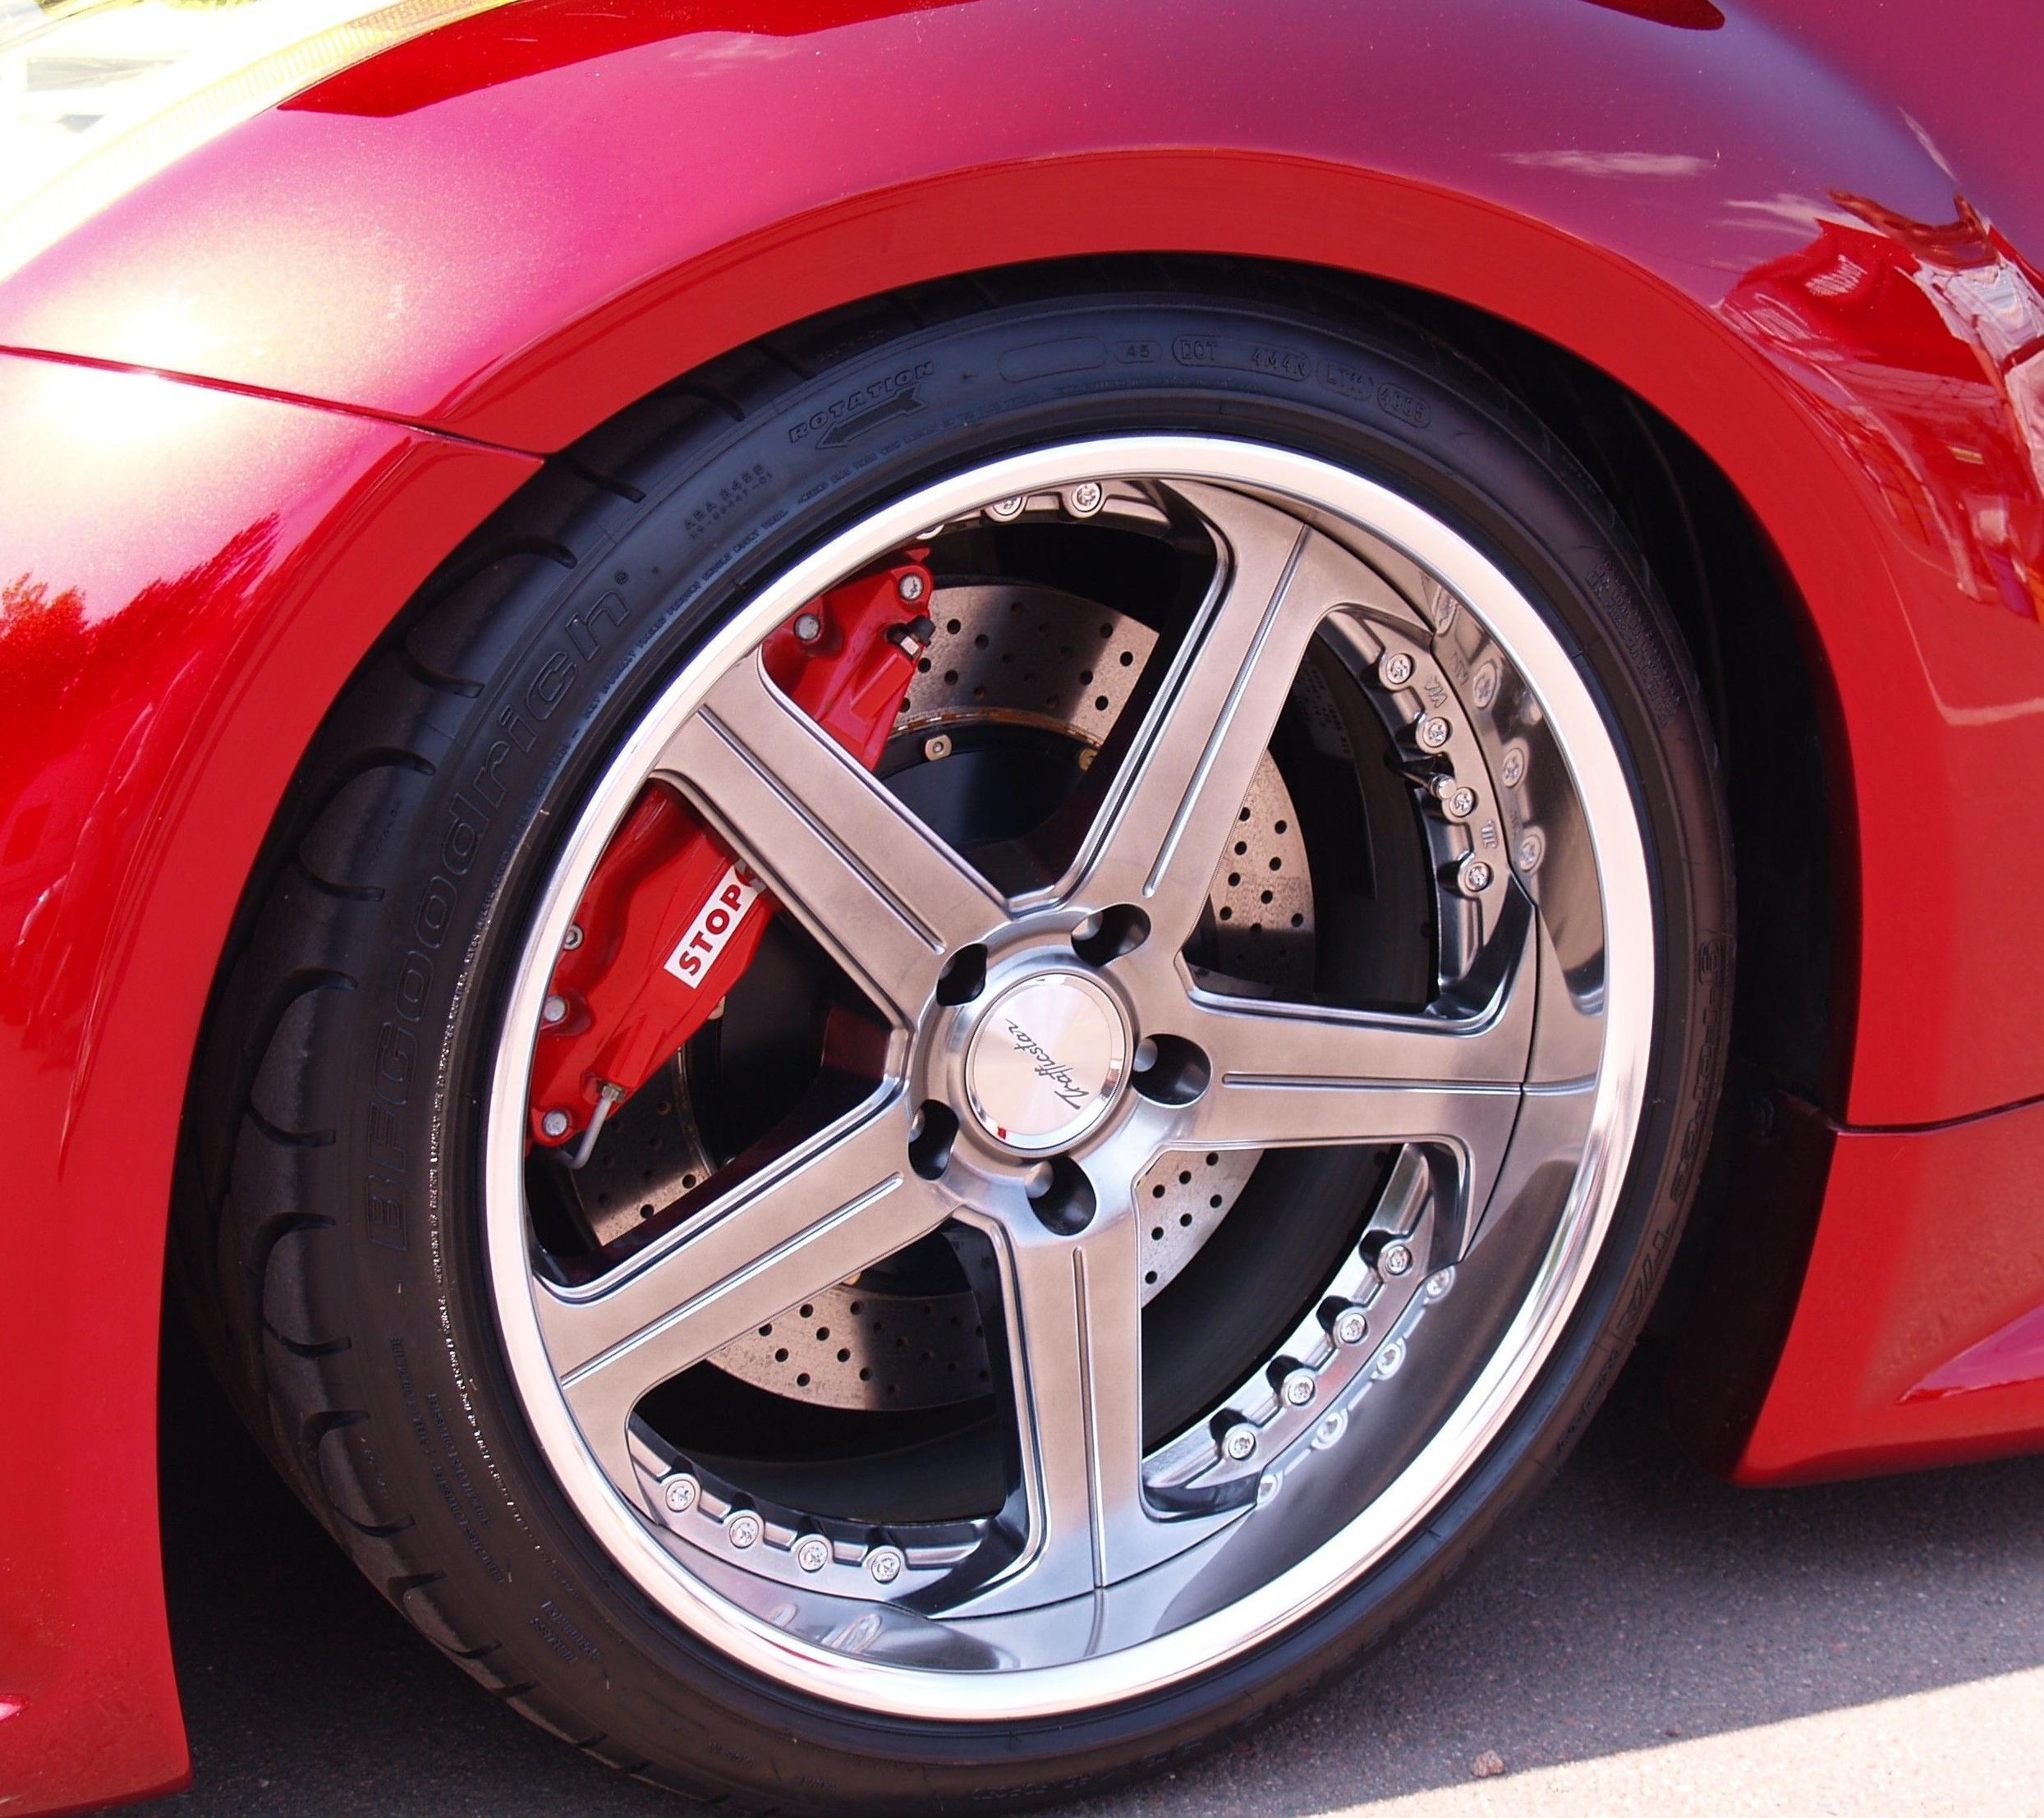 Mantenimiento integral del automóvil, frenos, electricidad, neumáticos